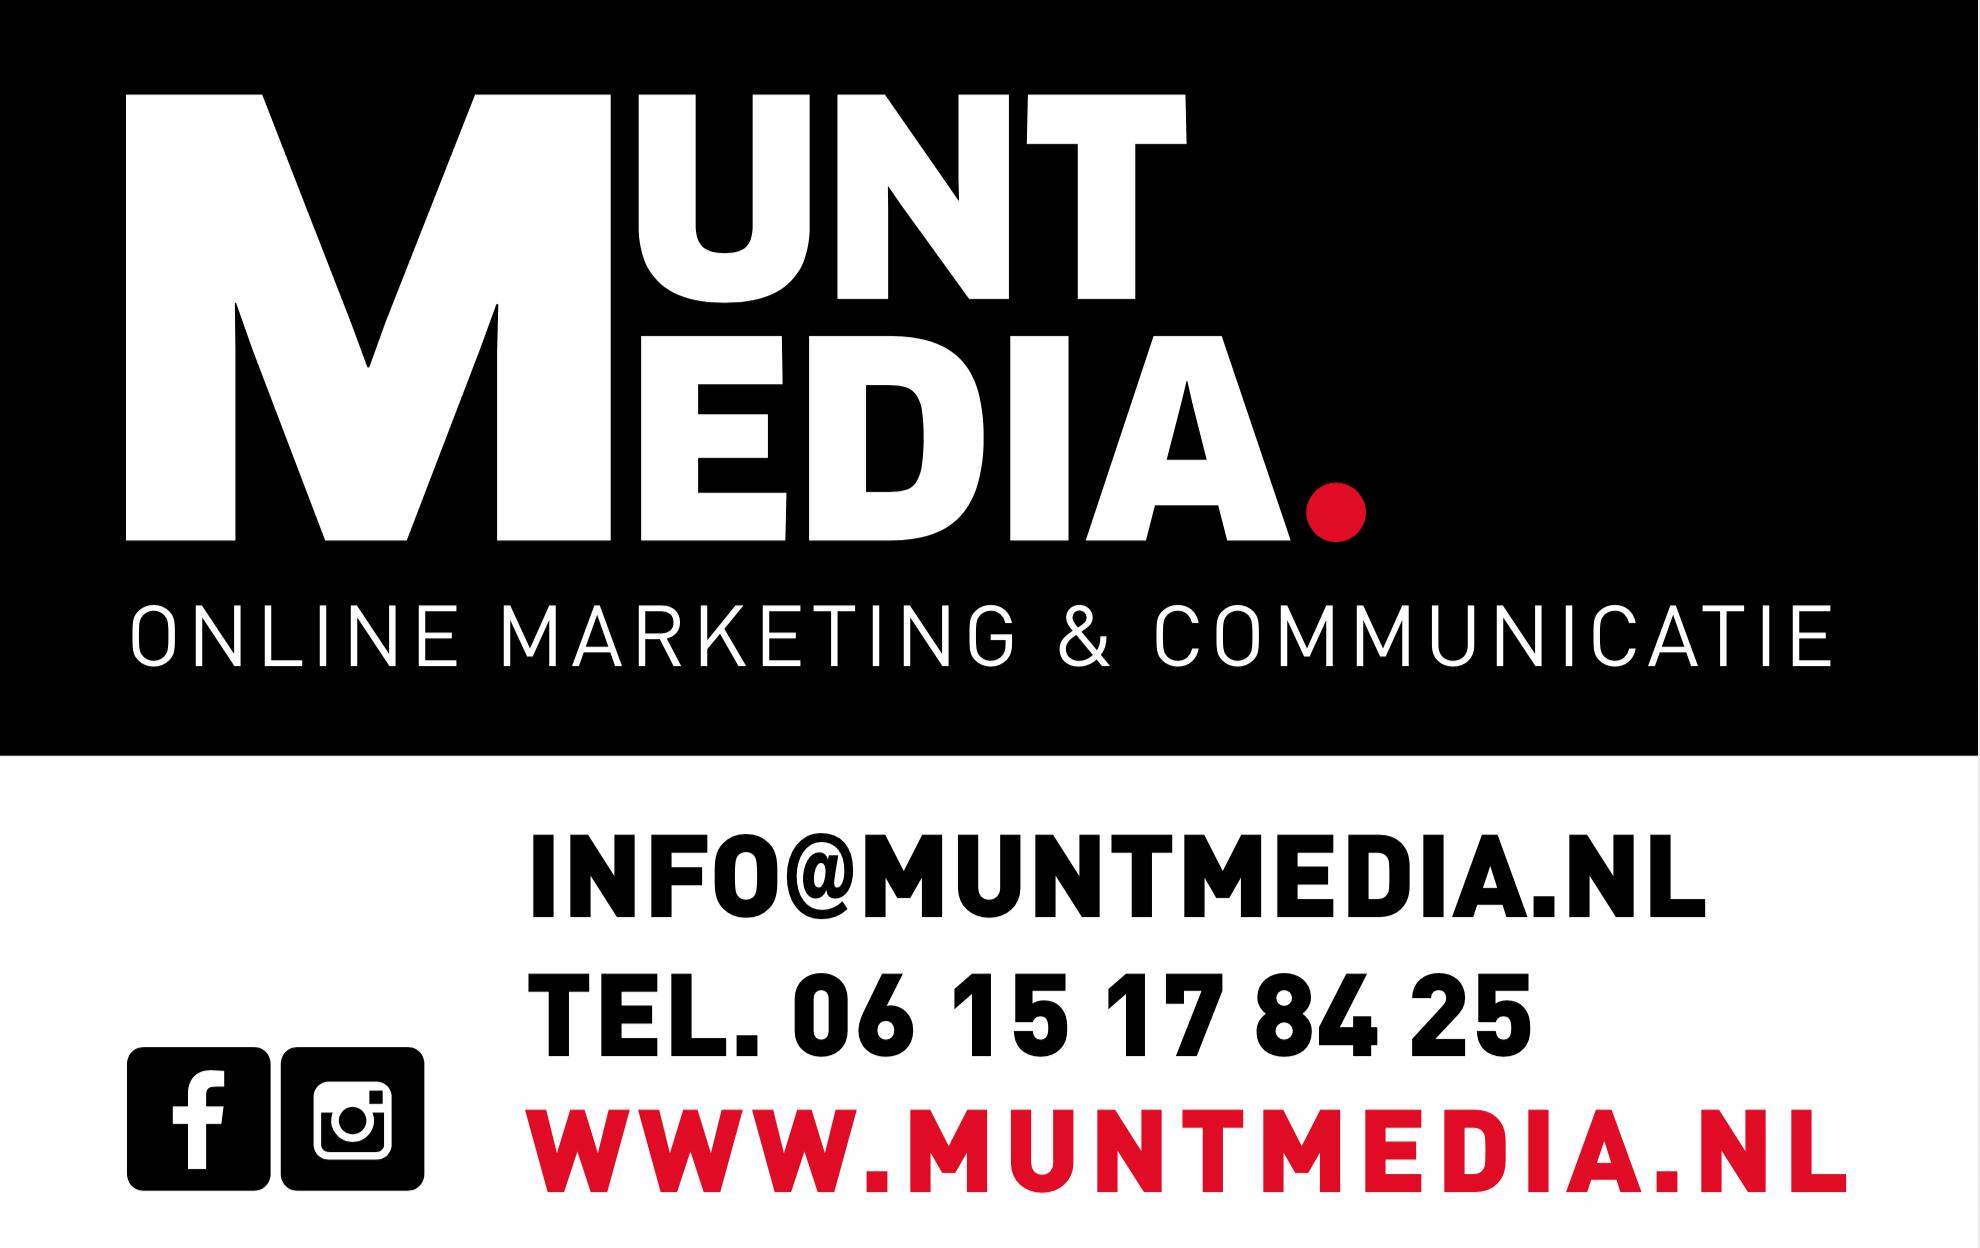 muntmedia-bord